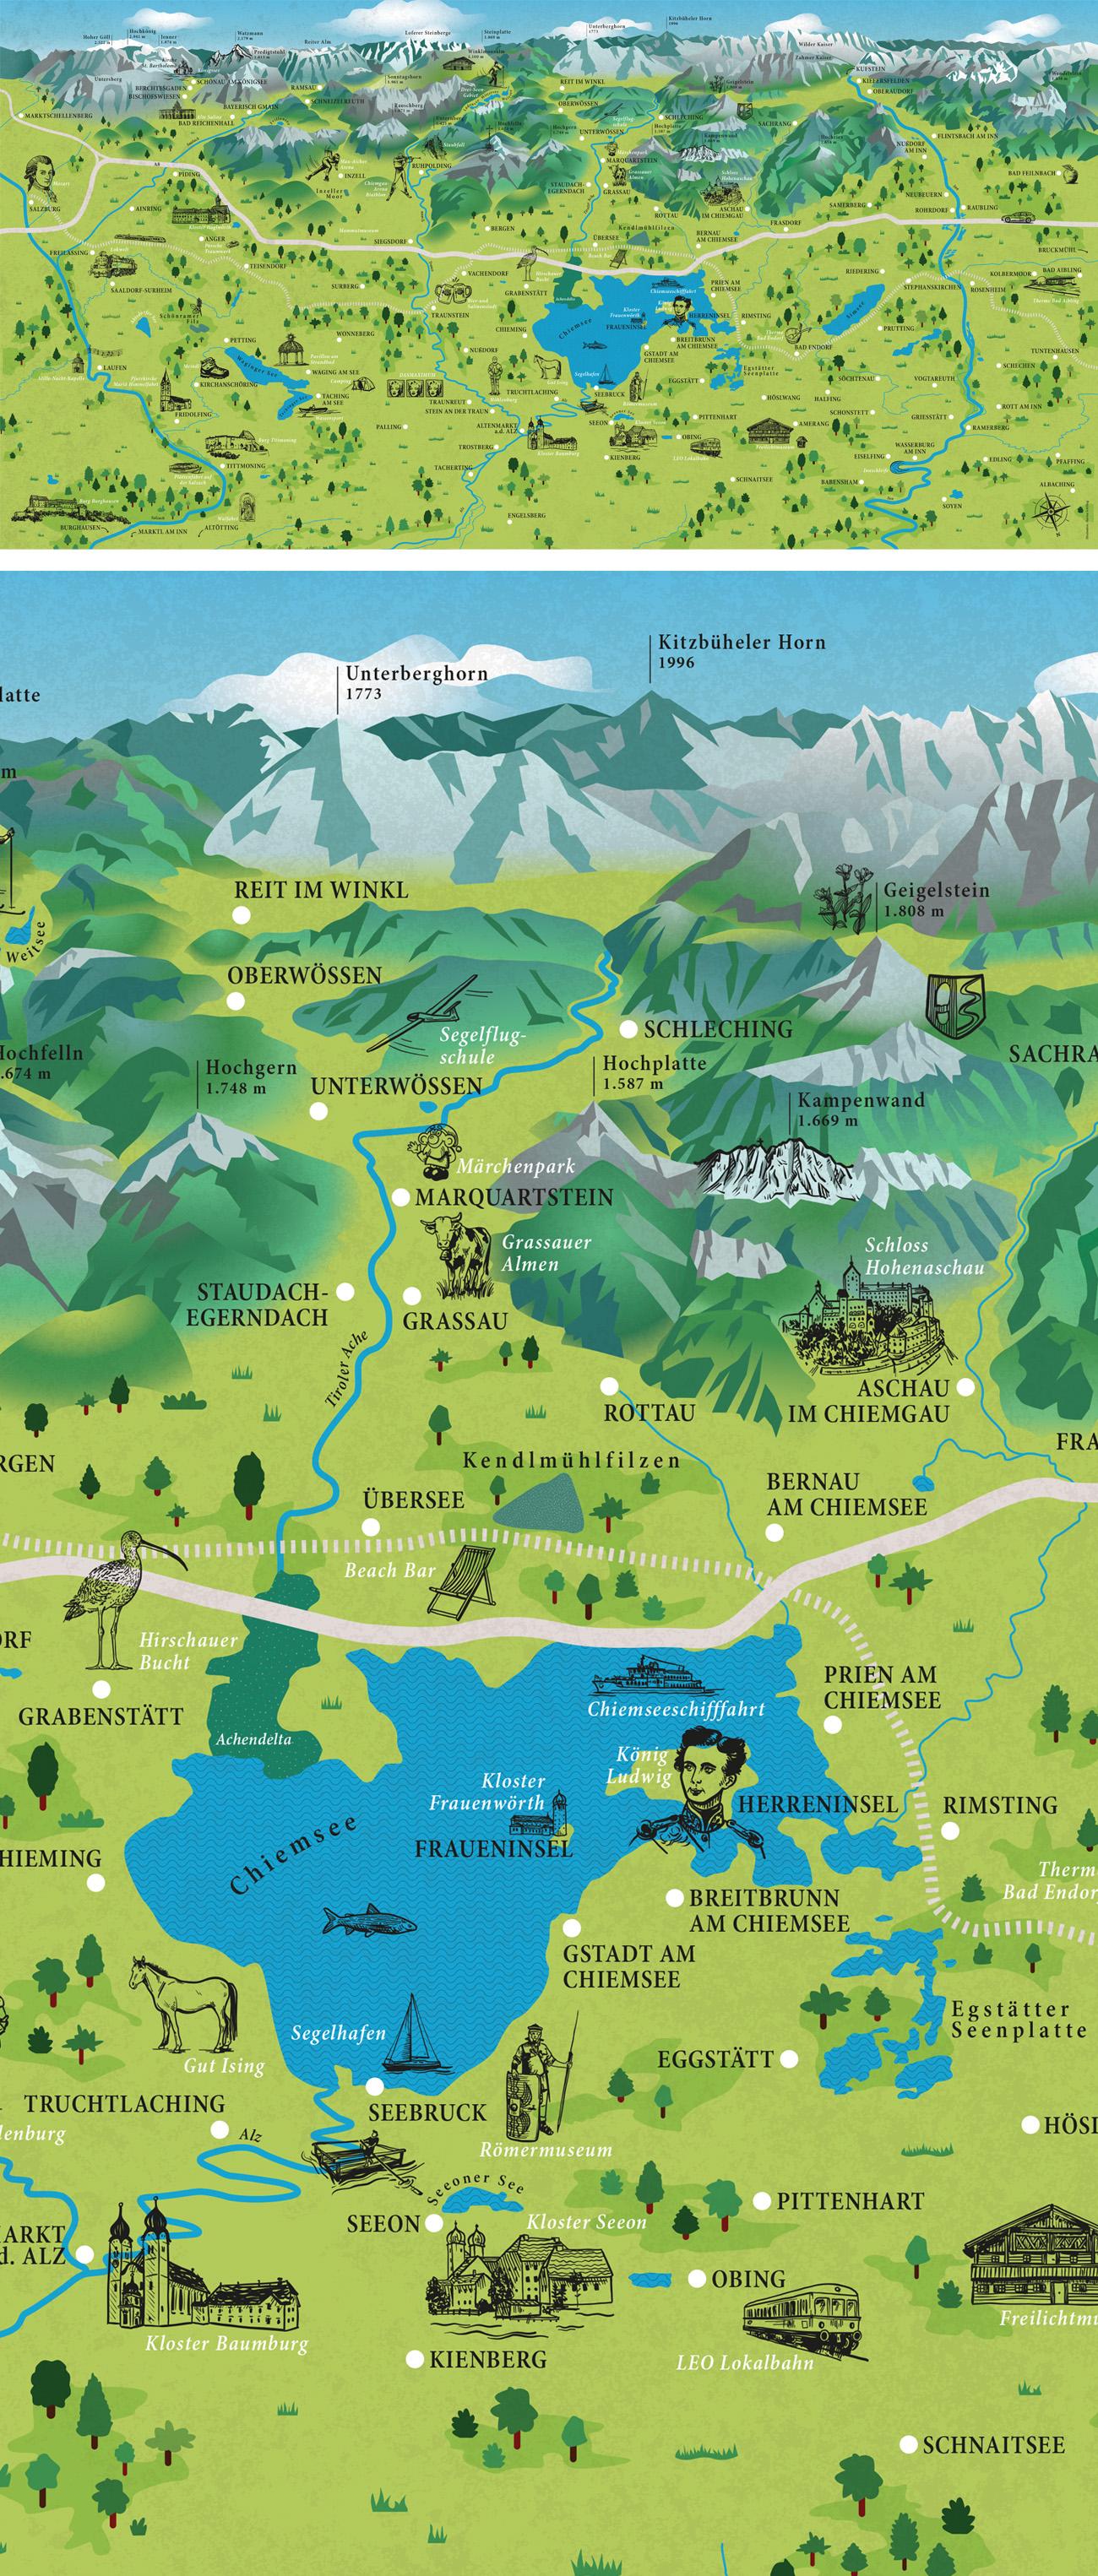 Illustrierte Karte vom Chiemgau als Vektorgrafik mit handgezeichneten Icons und Elementen für Tourismusbüro Broschüre. Illustration Marina Schilling